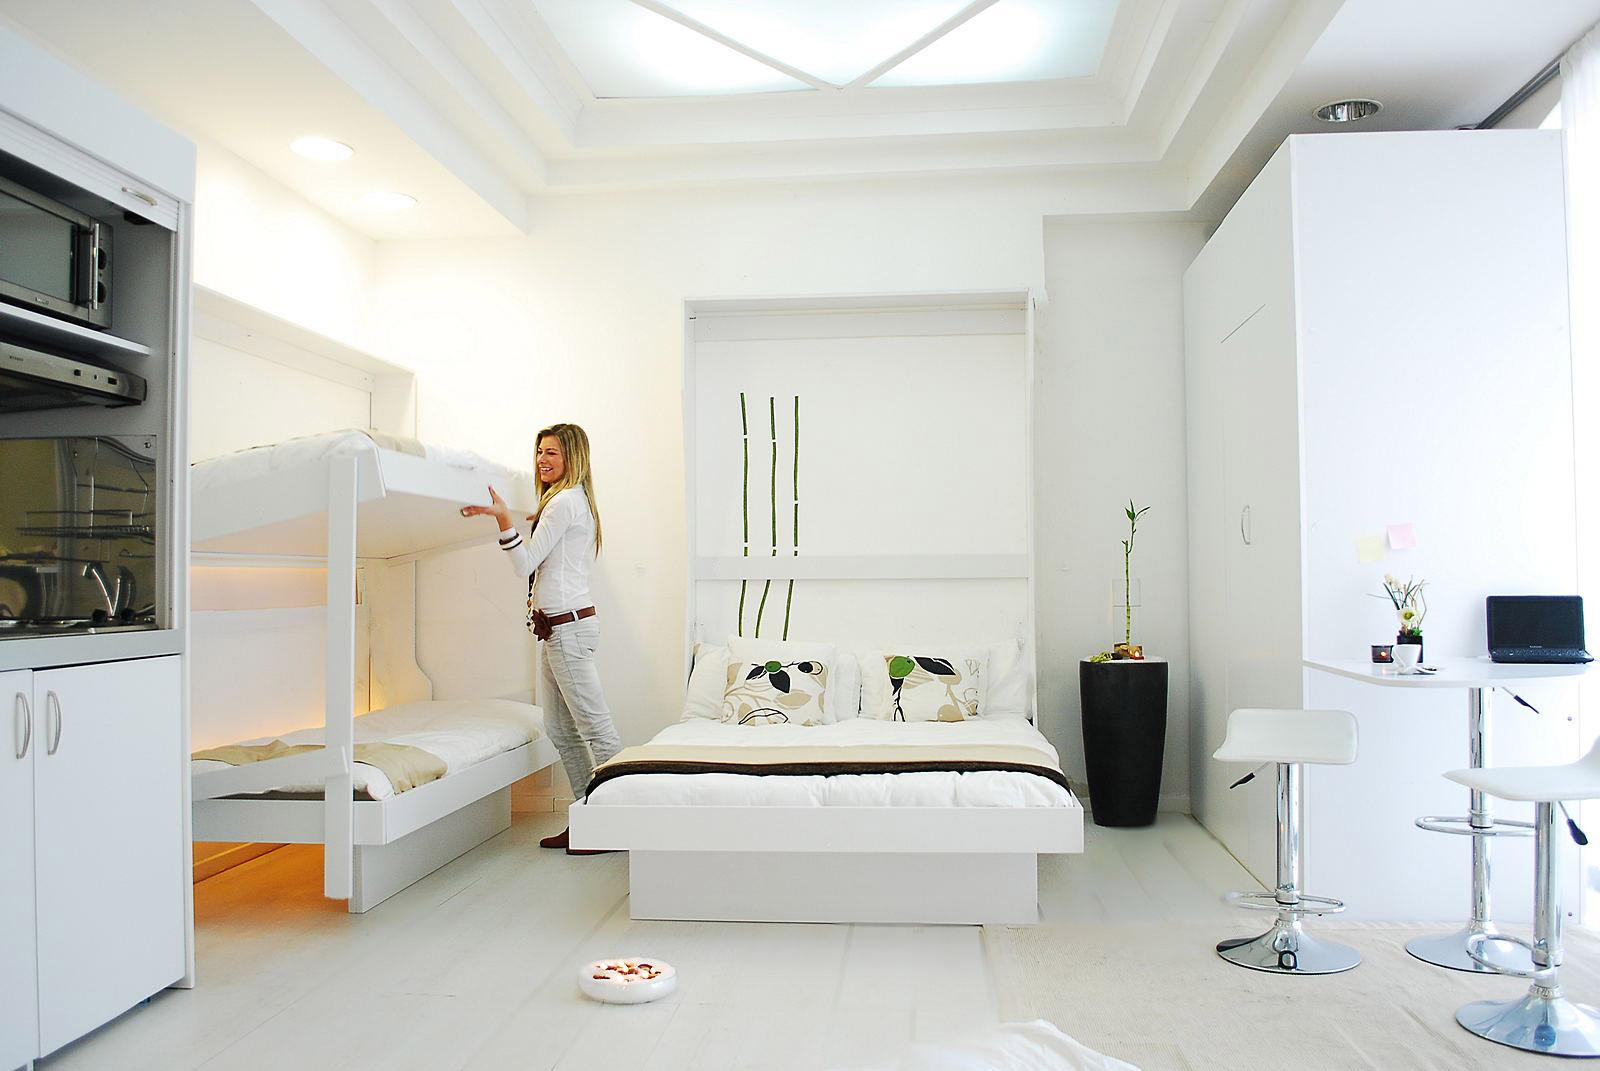 Camera da letto Archivi - Arredamento - Design